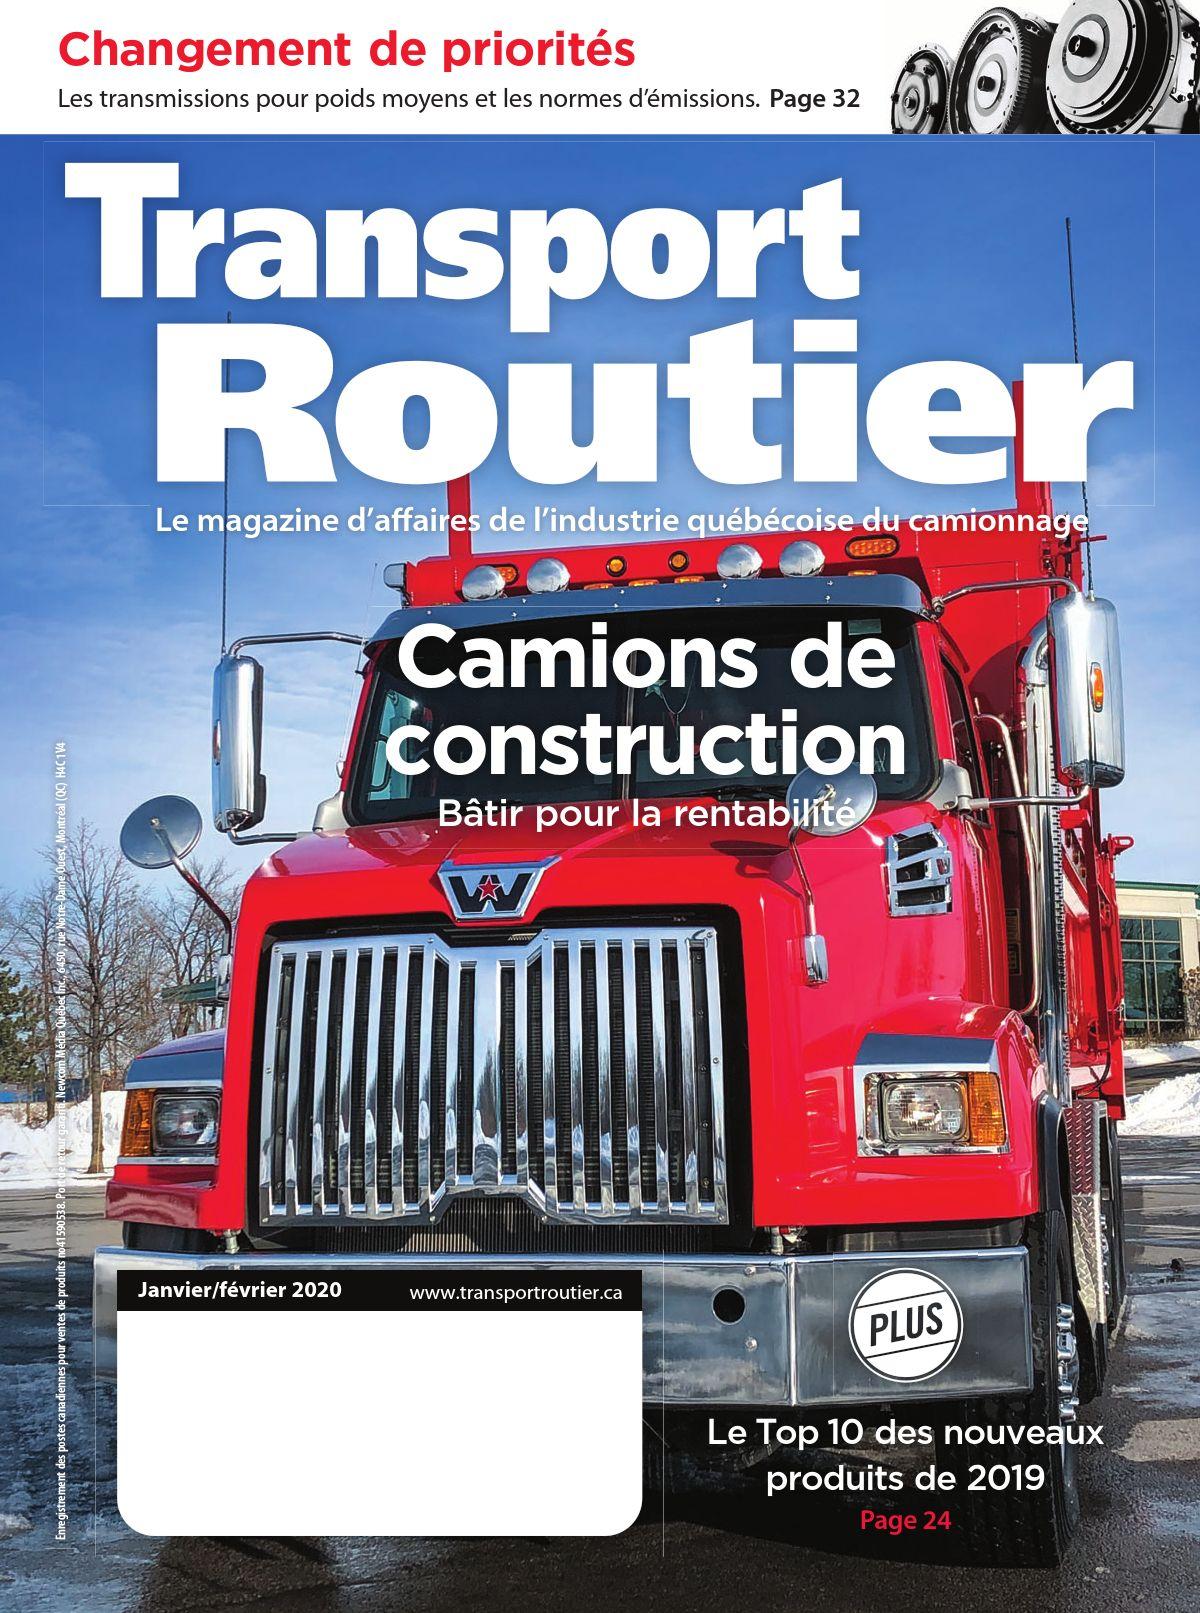 Transport routier – 1 février 2020